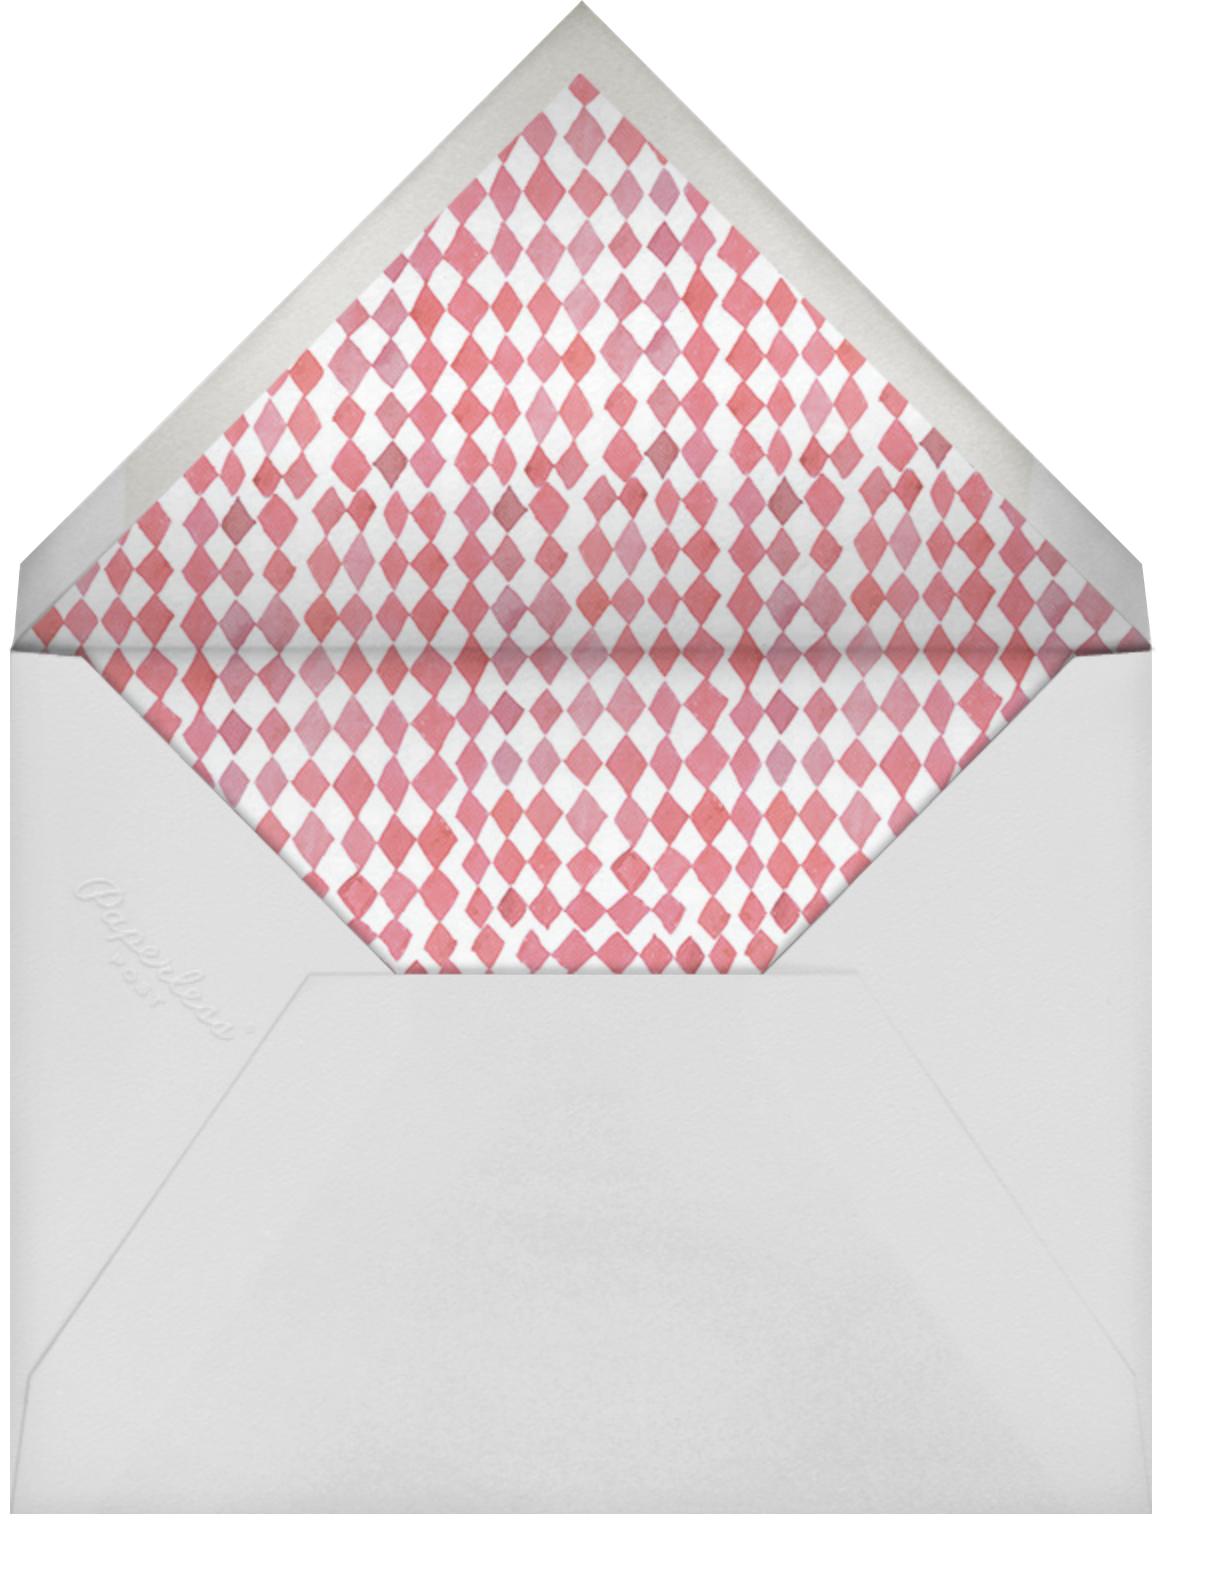 Delphinium - Happy Menocal - Adult birthday - envelope back